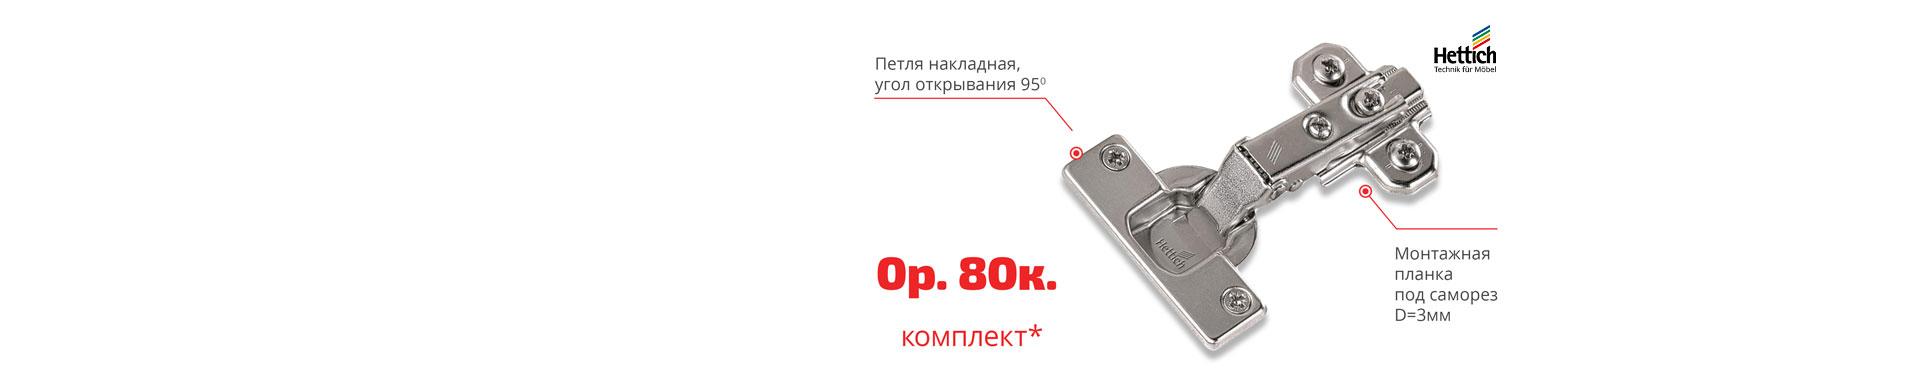 СУПЕРПРЕДЛОЖЕНИЕ!-43% НА ПЕТЛЮ SLIDEON